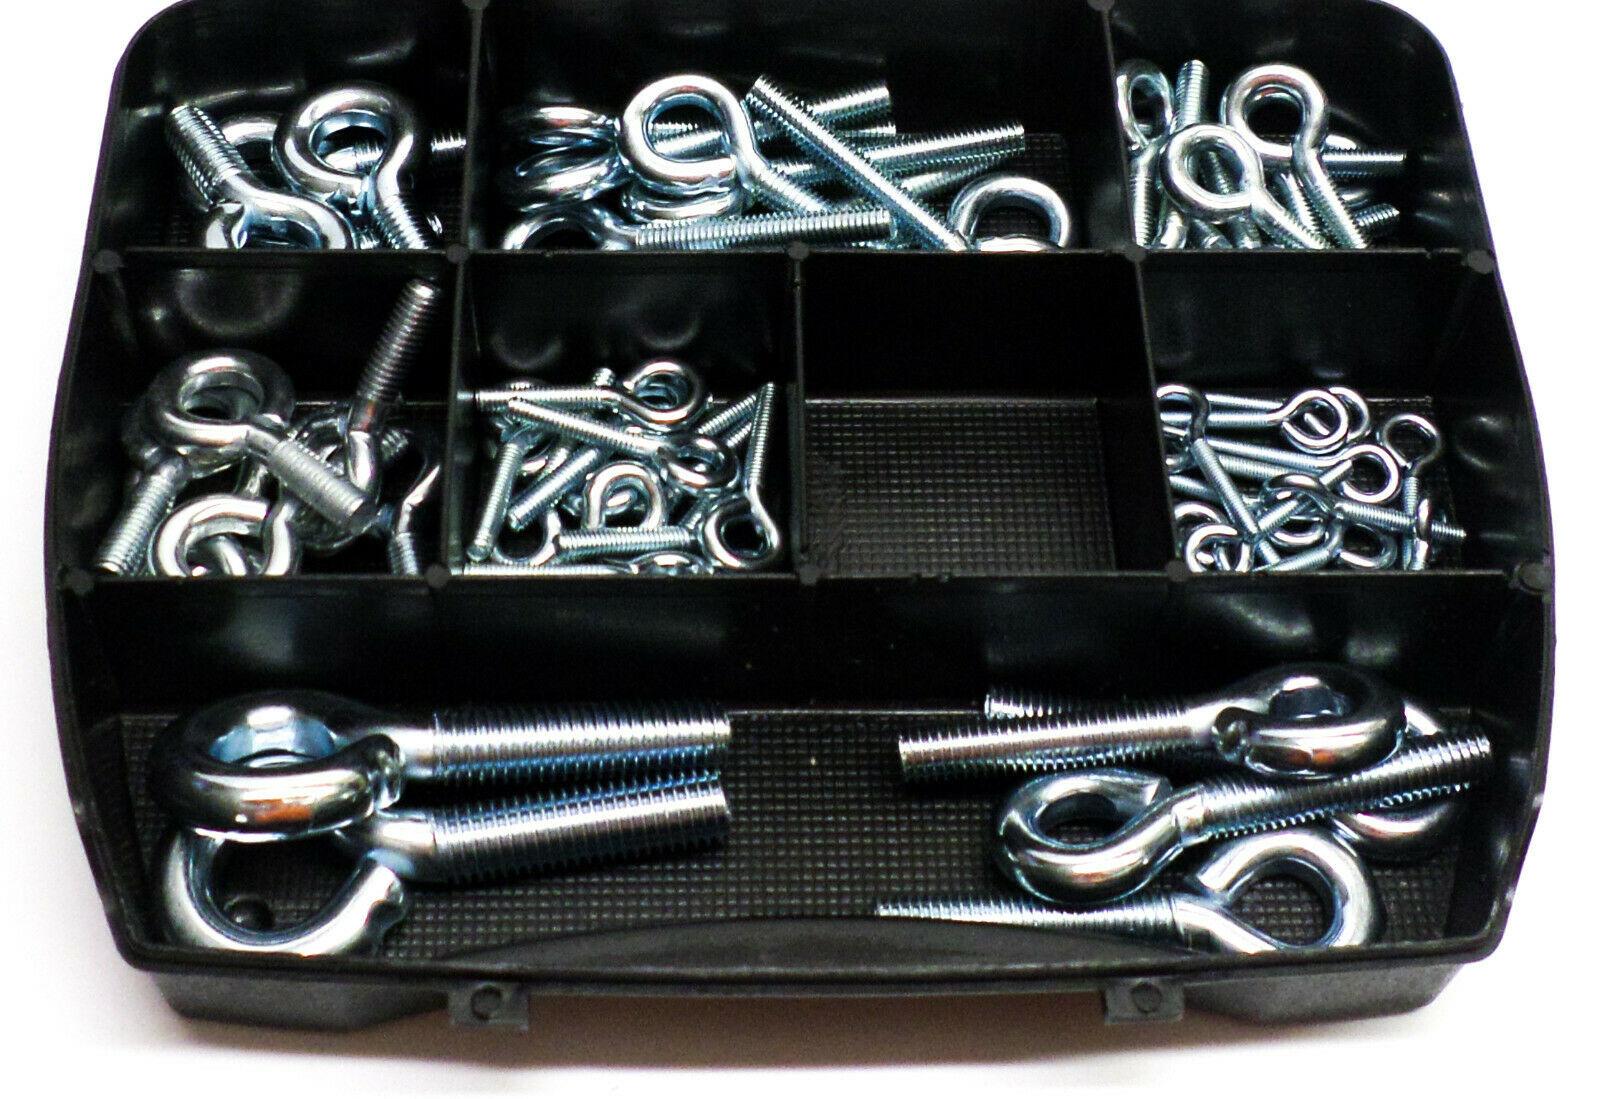 Schroefogen in assortimentsbox 67 stuks